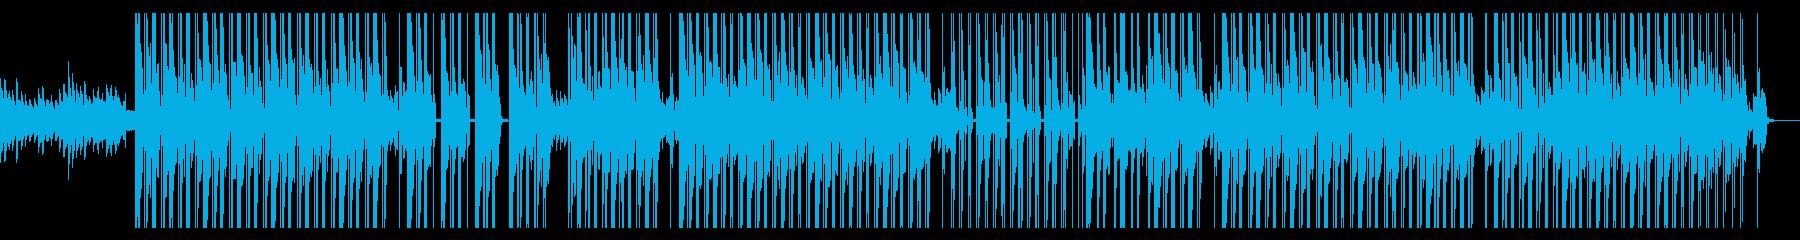 ダークで悲しい闇社会なピアノヒップホップの再生済みの波形